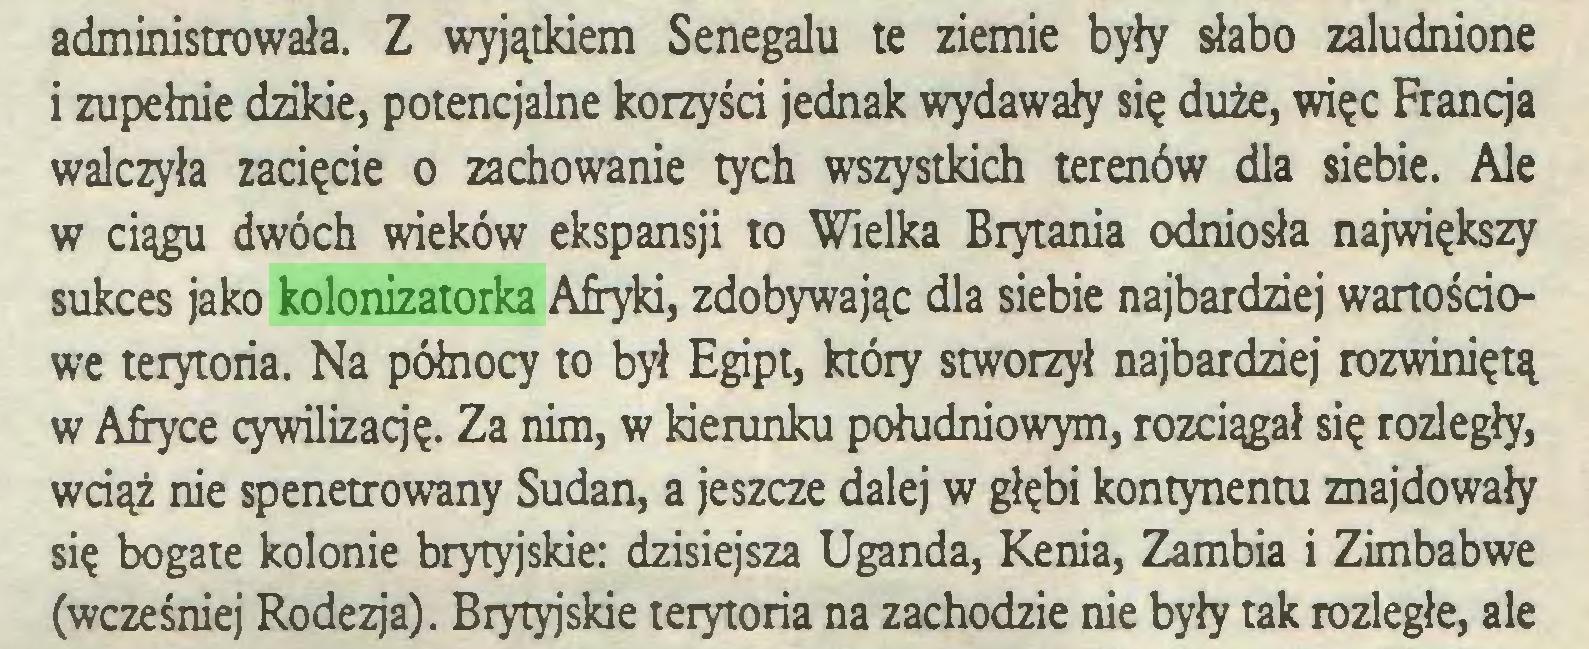 (...) administrowała. Z wyjątkiem Senegalu te ziemie były słabo zaludnione i zupełnie dzikie, potencjalne korzyści jednak wydawały się duże, więc Francja walczyła zacięcie o zachowanie tych wszystkich terenów dla siebie. Ale w ciągu dwóch wieków ekspansji to Wielka Brytania odniosła największy sukces jako kolonizatorka Afryki, zdobywając dla siebie najbardziej wartościowe terytoria. Na północy to był Egipt, który stworzył najbardziej rozwiniętą w Afryce cywilizaqę. Za nim, w kierunku południowym, rozciągał się rozległy, wciąż nie spenetrowany Sudan, a jeszcze dalej w głębi kontynentu znajdowały się bogate kolonie brytyjskie: dzisiejsza Uganda, Kenia, Zambia i Zimbabwe (wcześniej Rodezja). Brytyjskie terytoria na zachodzie nie były tak rozległe, ale...